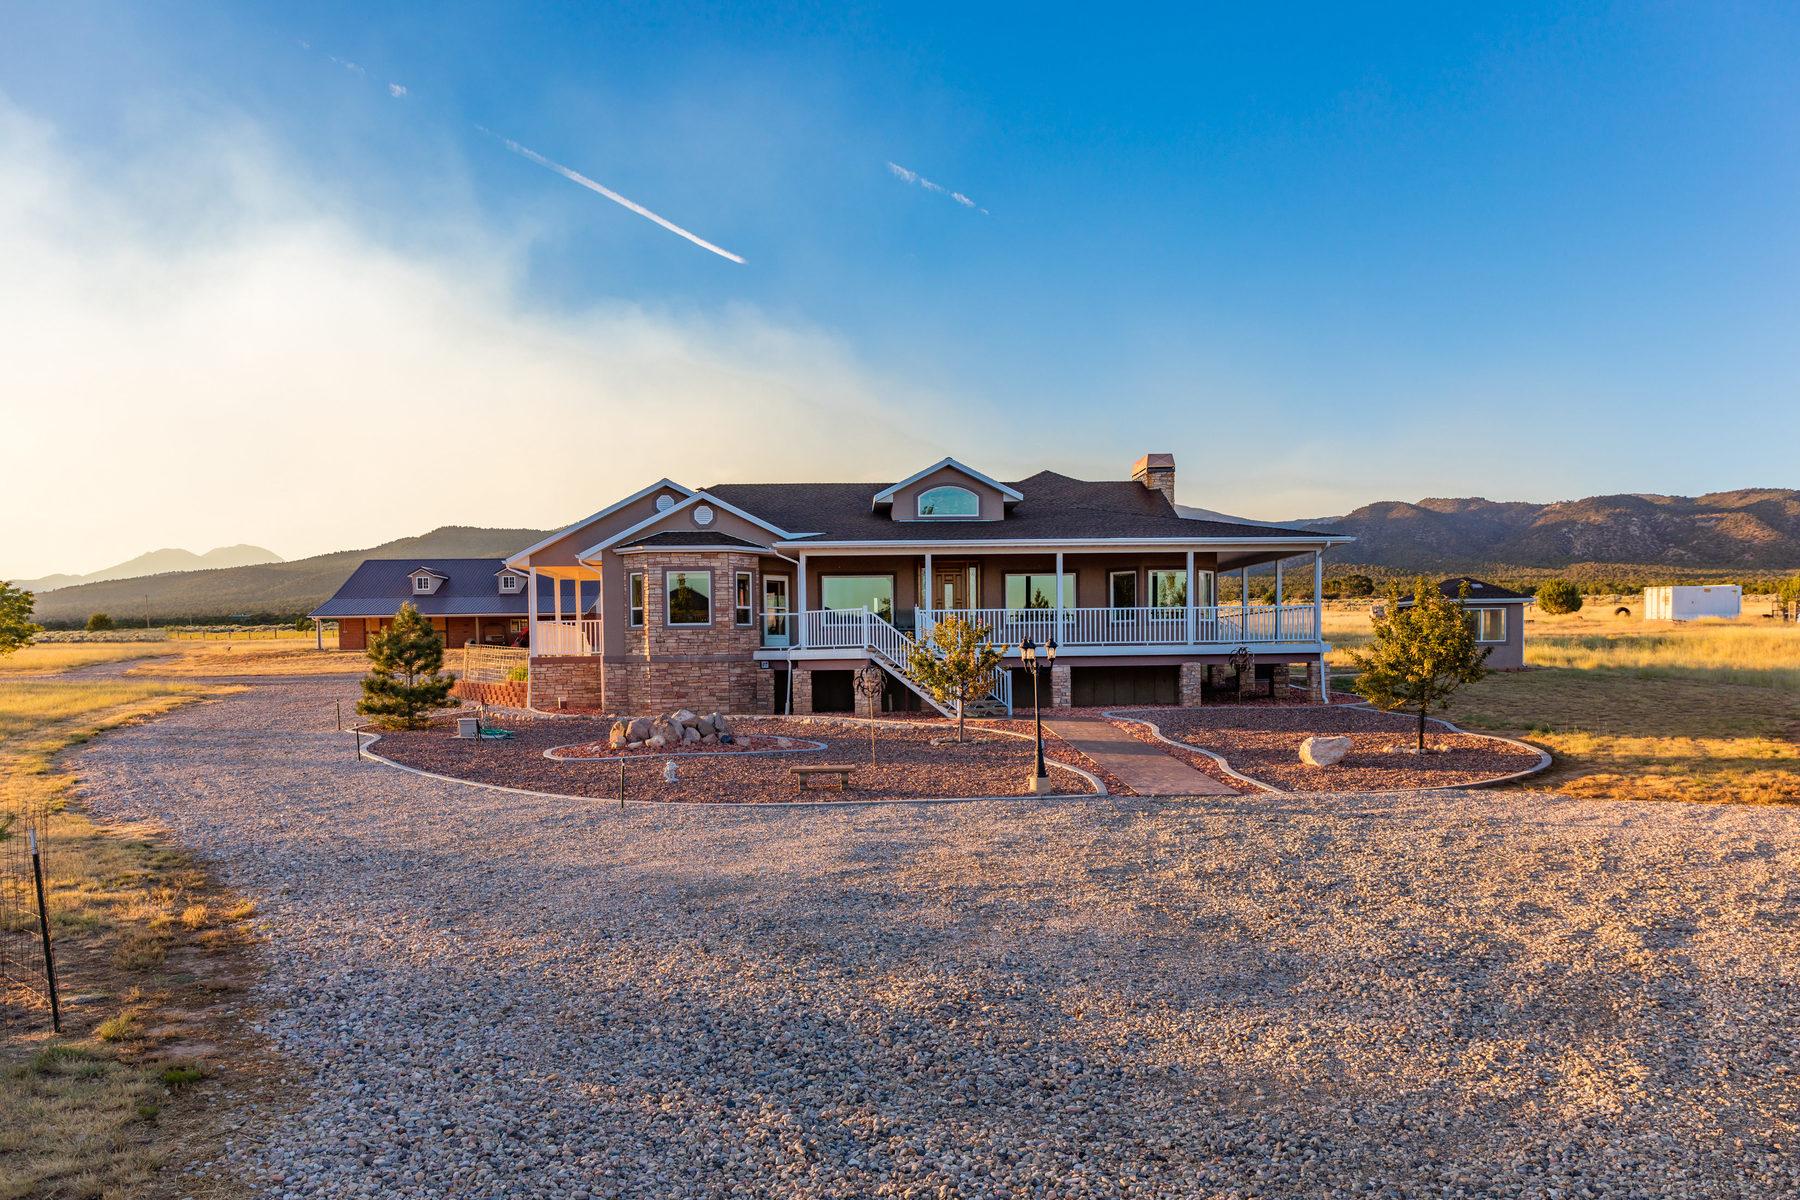 Maison unifamiliale pour l Vente à 40 ACRE RANCH NEAR ZION 748 North 175 East New Harmony, Utah, 84757 États-Unis